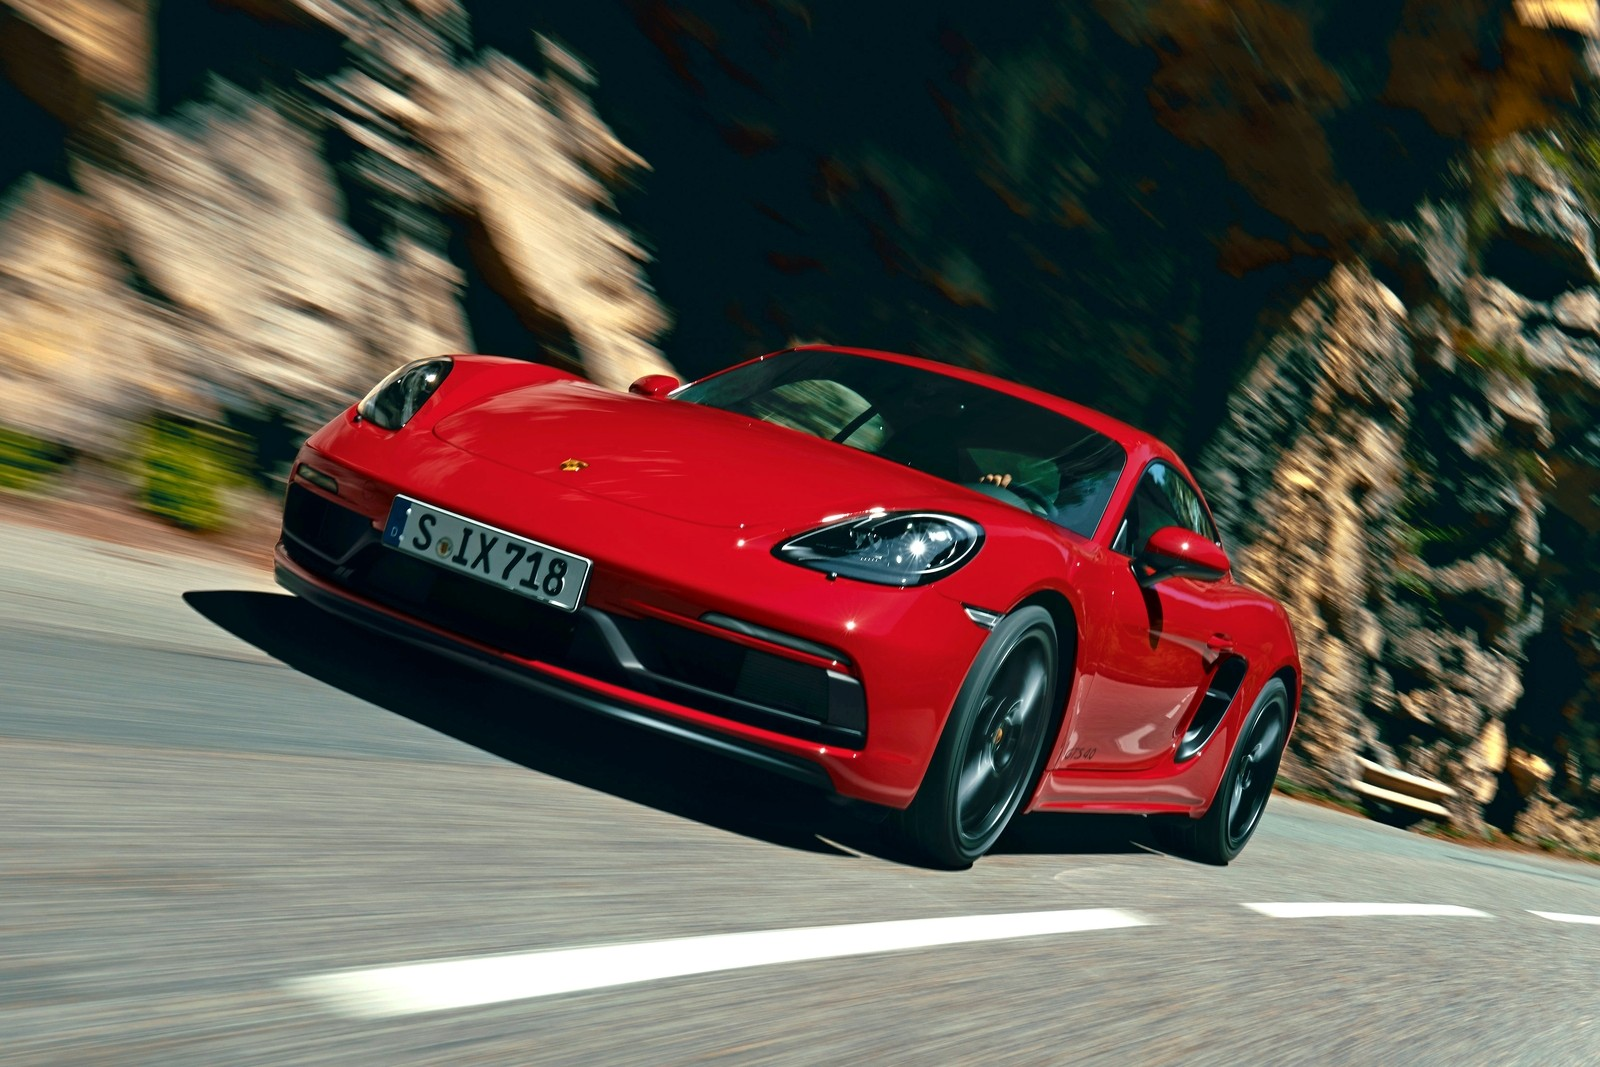 Дауншифтинг: Porsche удешевила модель 718 c «атмосферником» и МКП